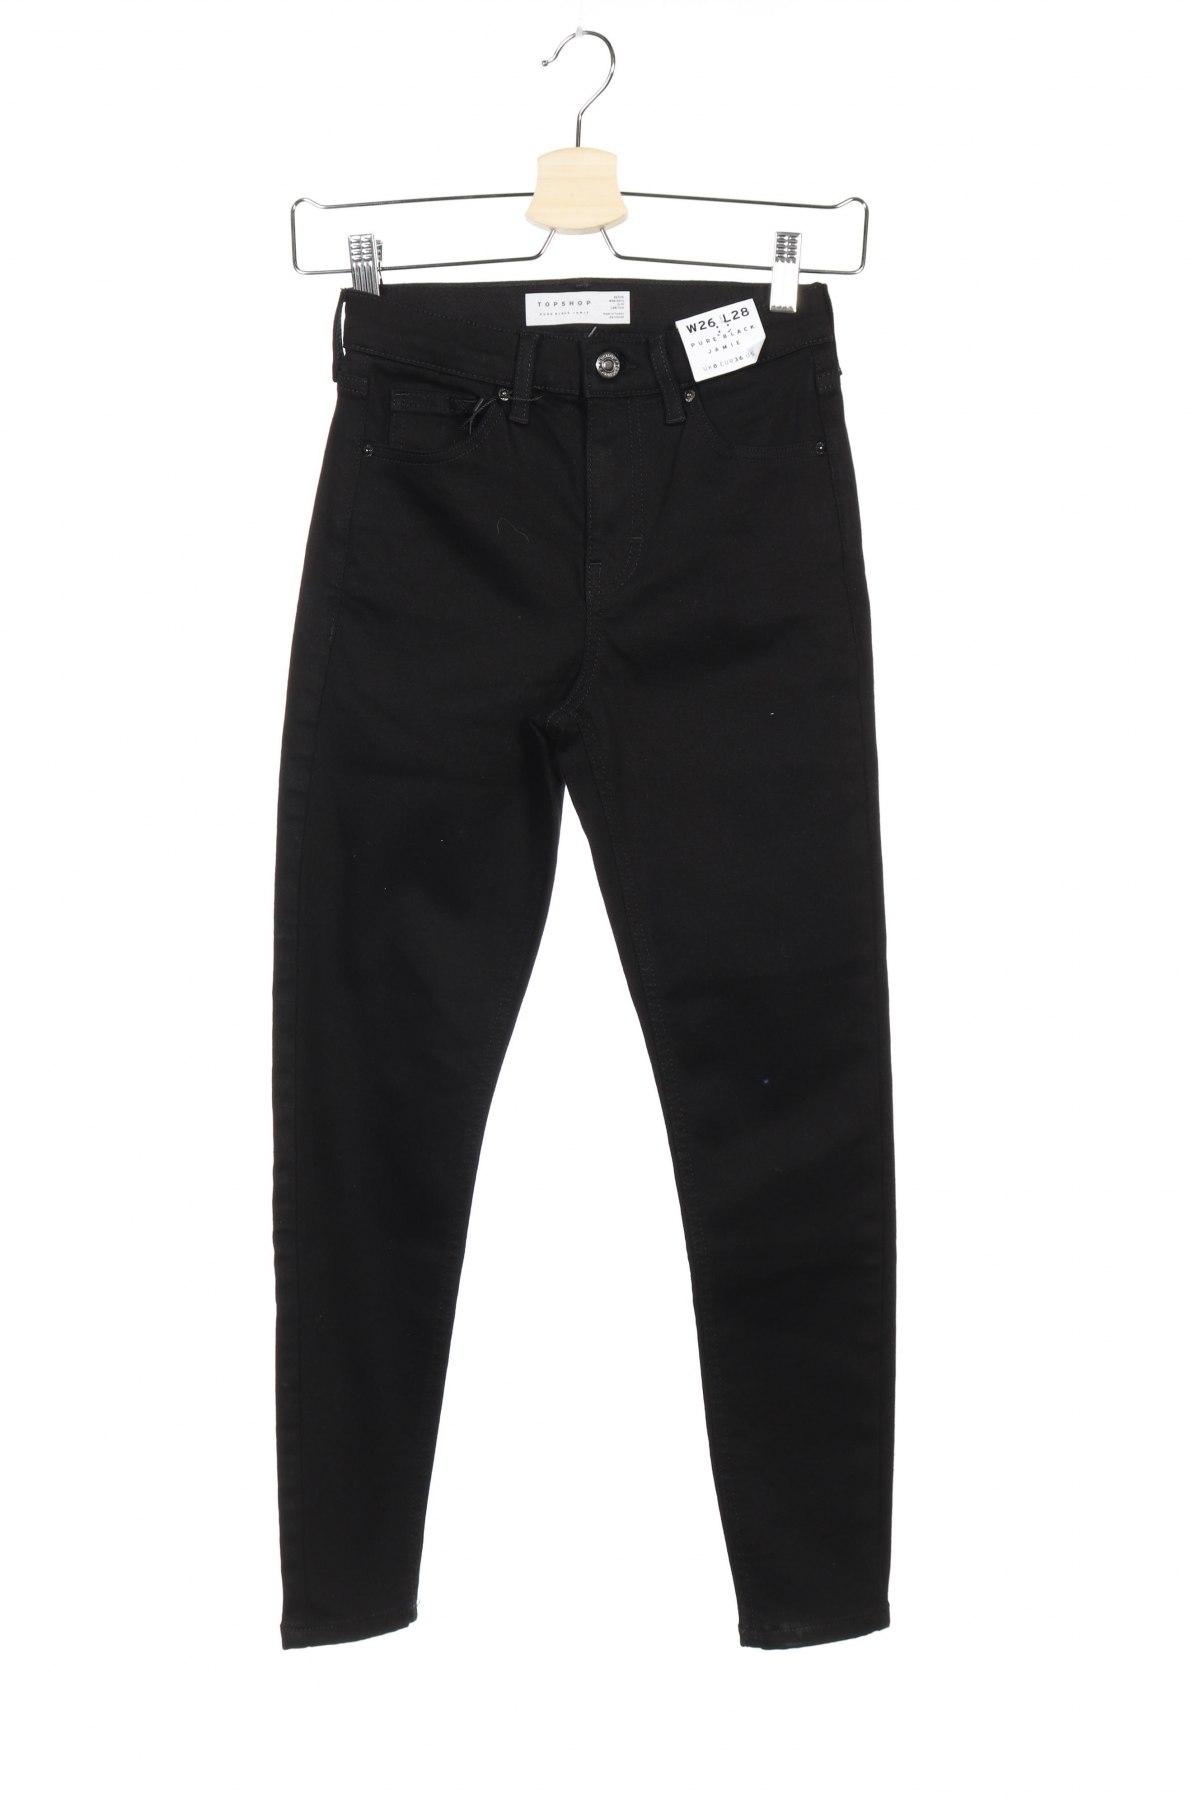 Дамски дънки Topshop, Размер S, Цвят Черен, 71% памук, 26% полиестер, 3% еластан, Цена 55,44лв.